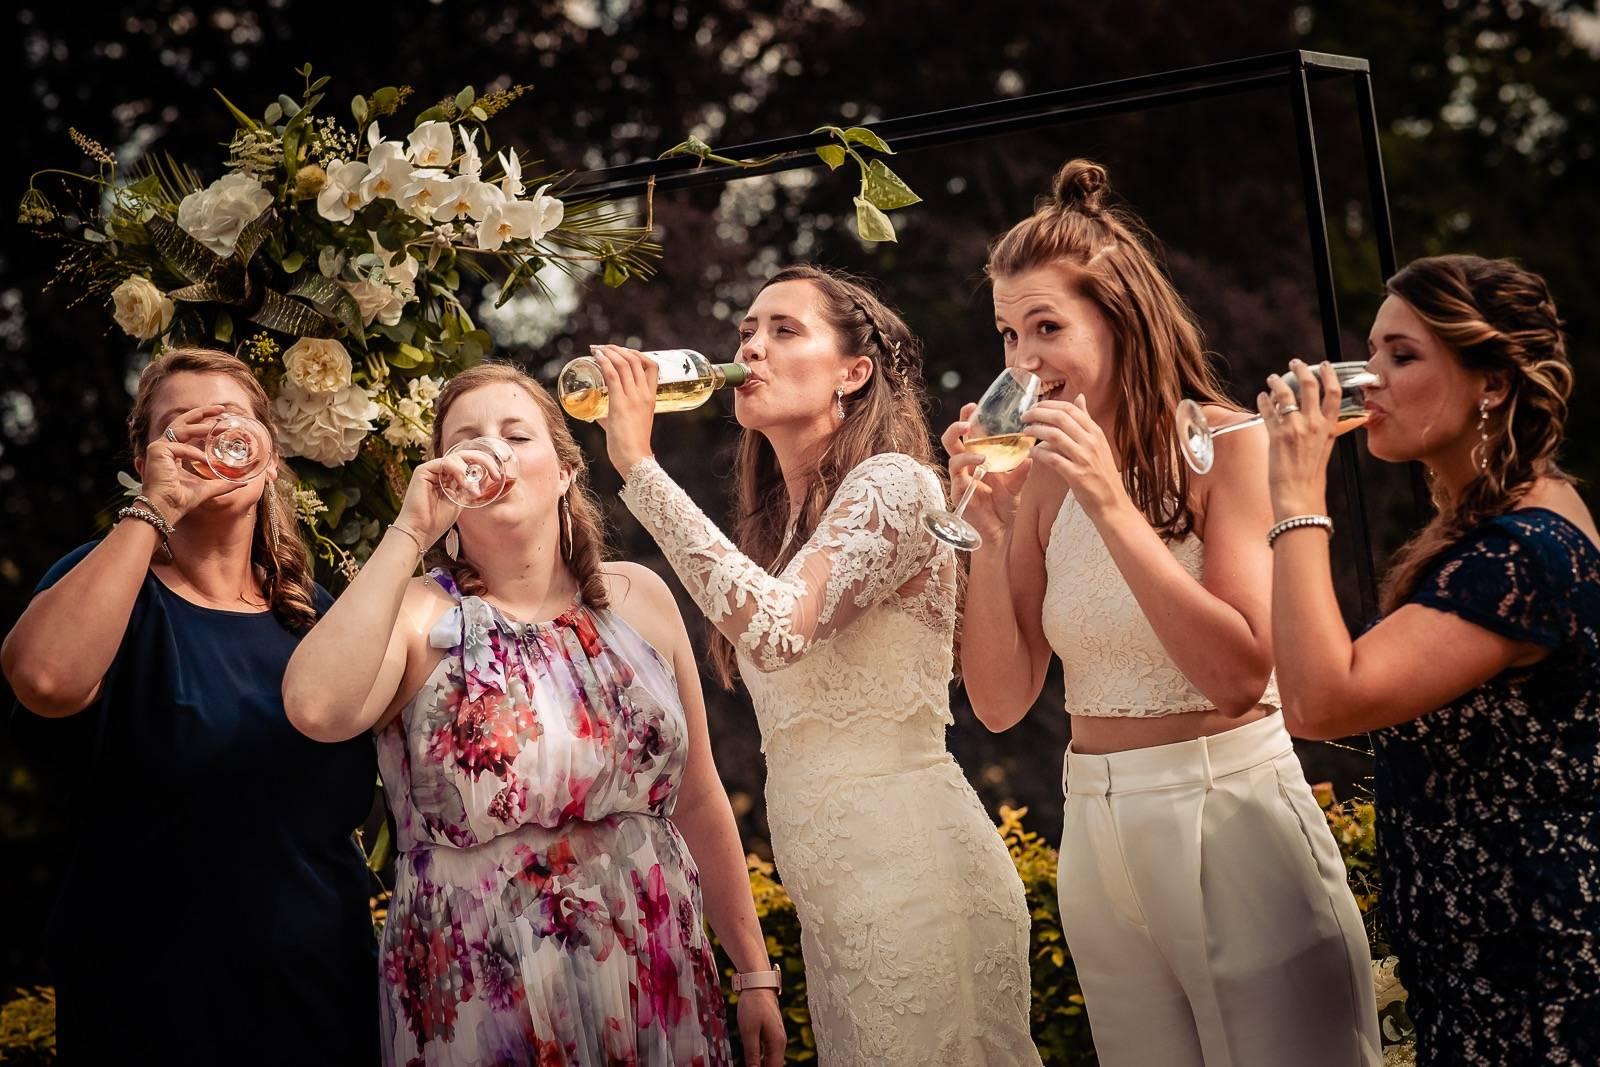 Eppel Fotografie - Trouwfotograaf - Huwelijksfotograaf - House of Weddings - 9